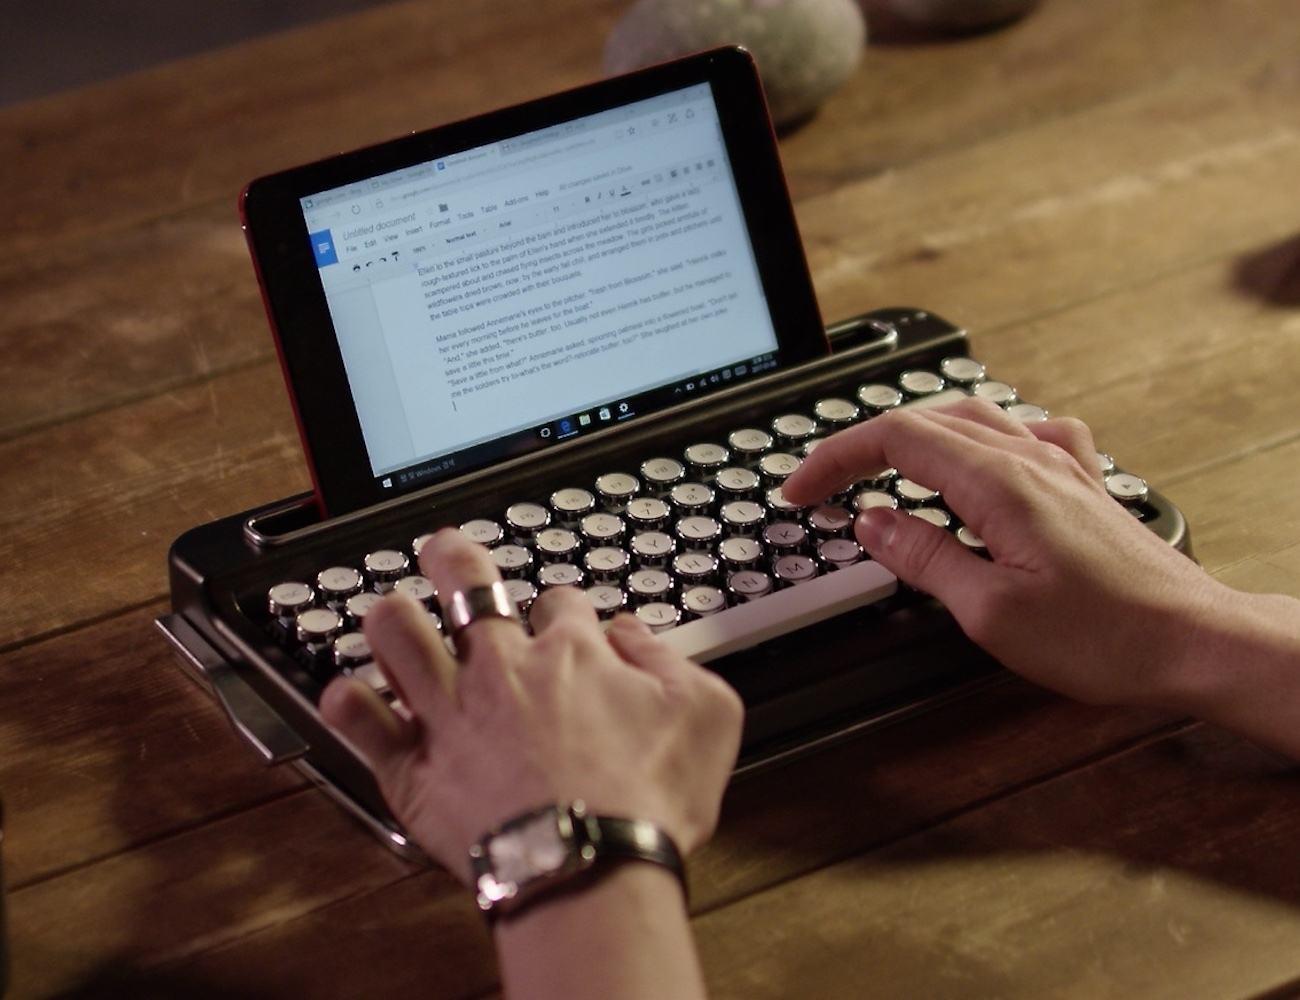 Penna+Retro+Bluetooth+Keyboard